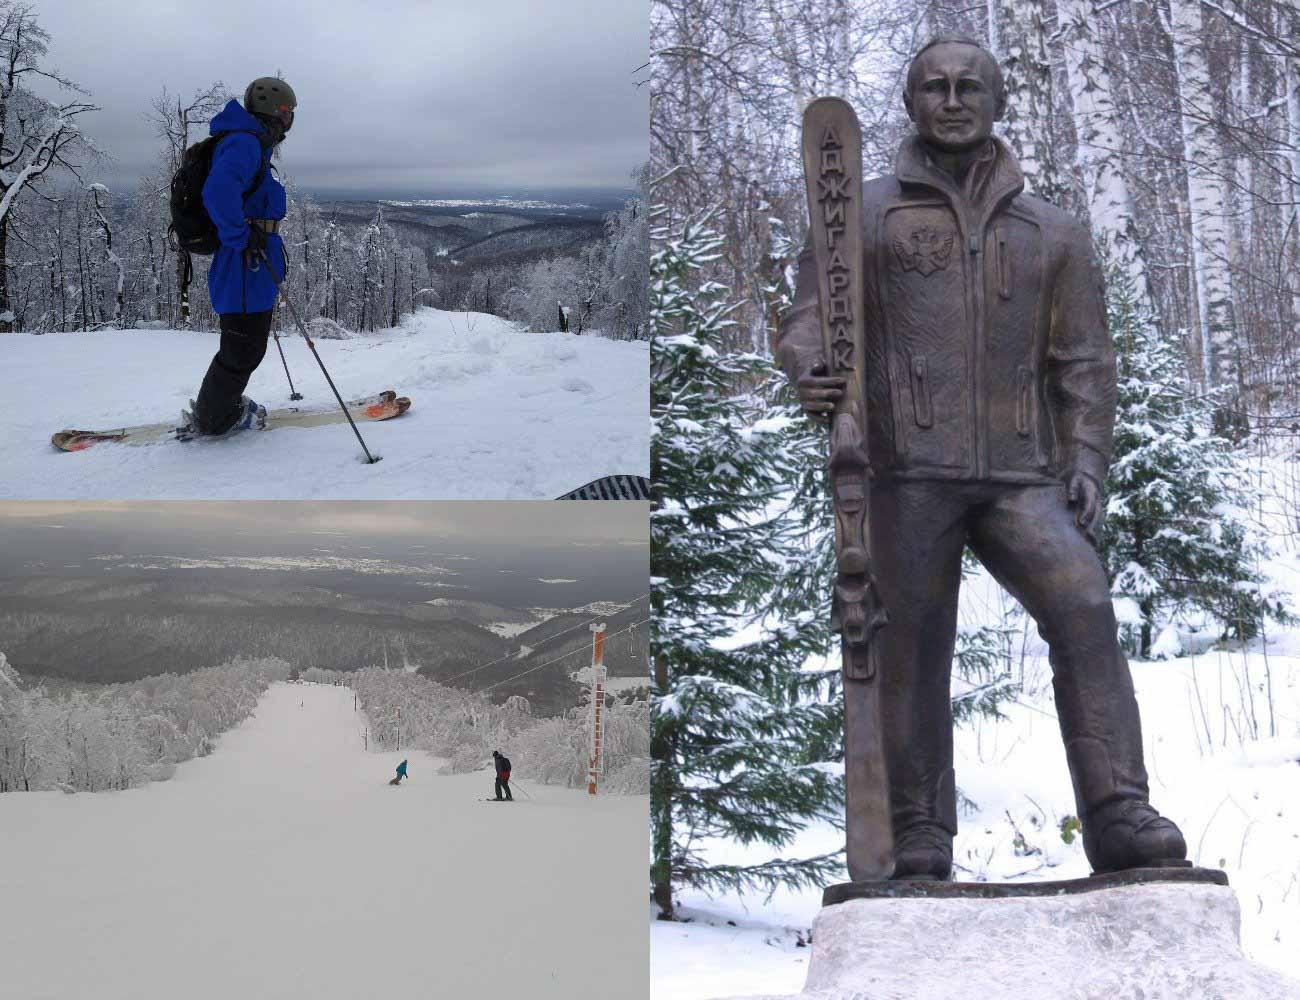 «Путин» прячется за спиной? Сотрудники горнолыжного курорта Ажигардак пугают туристов грубостью и разгильдяйством